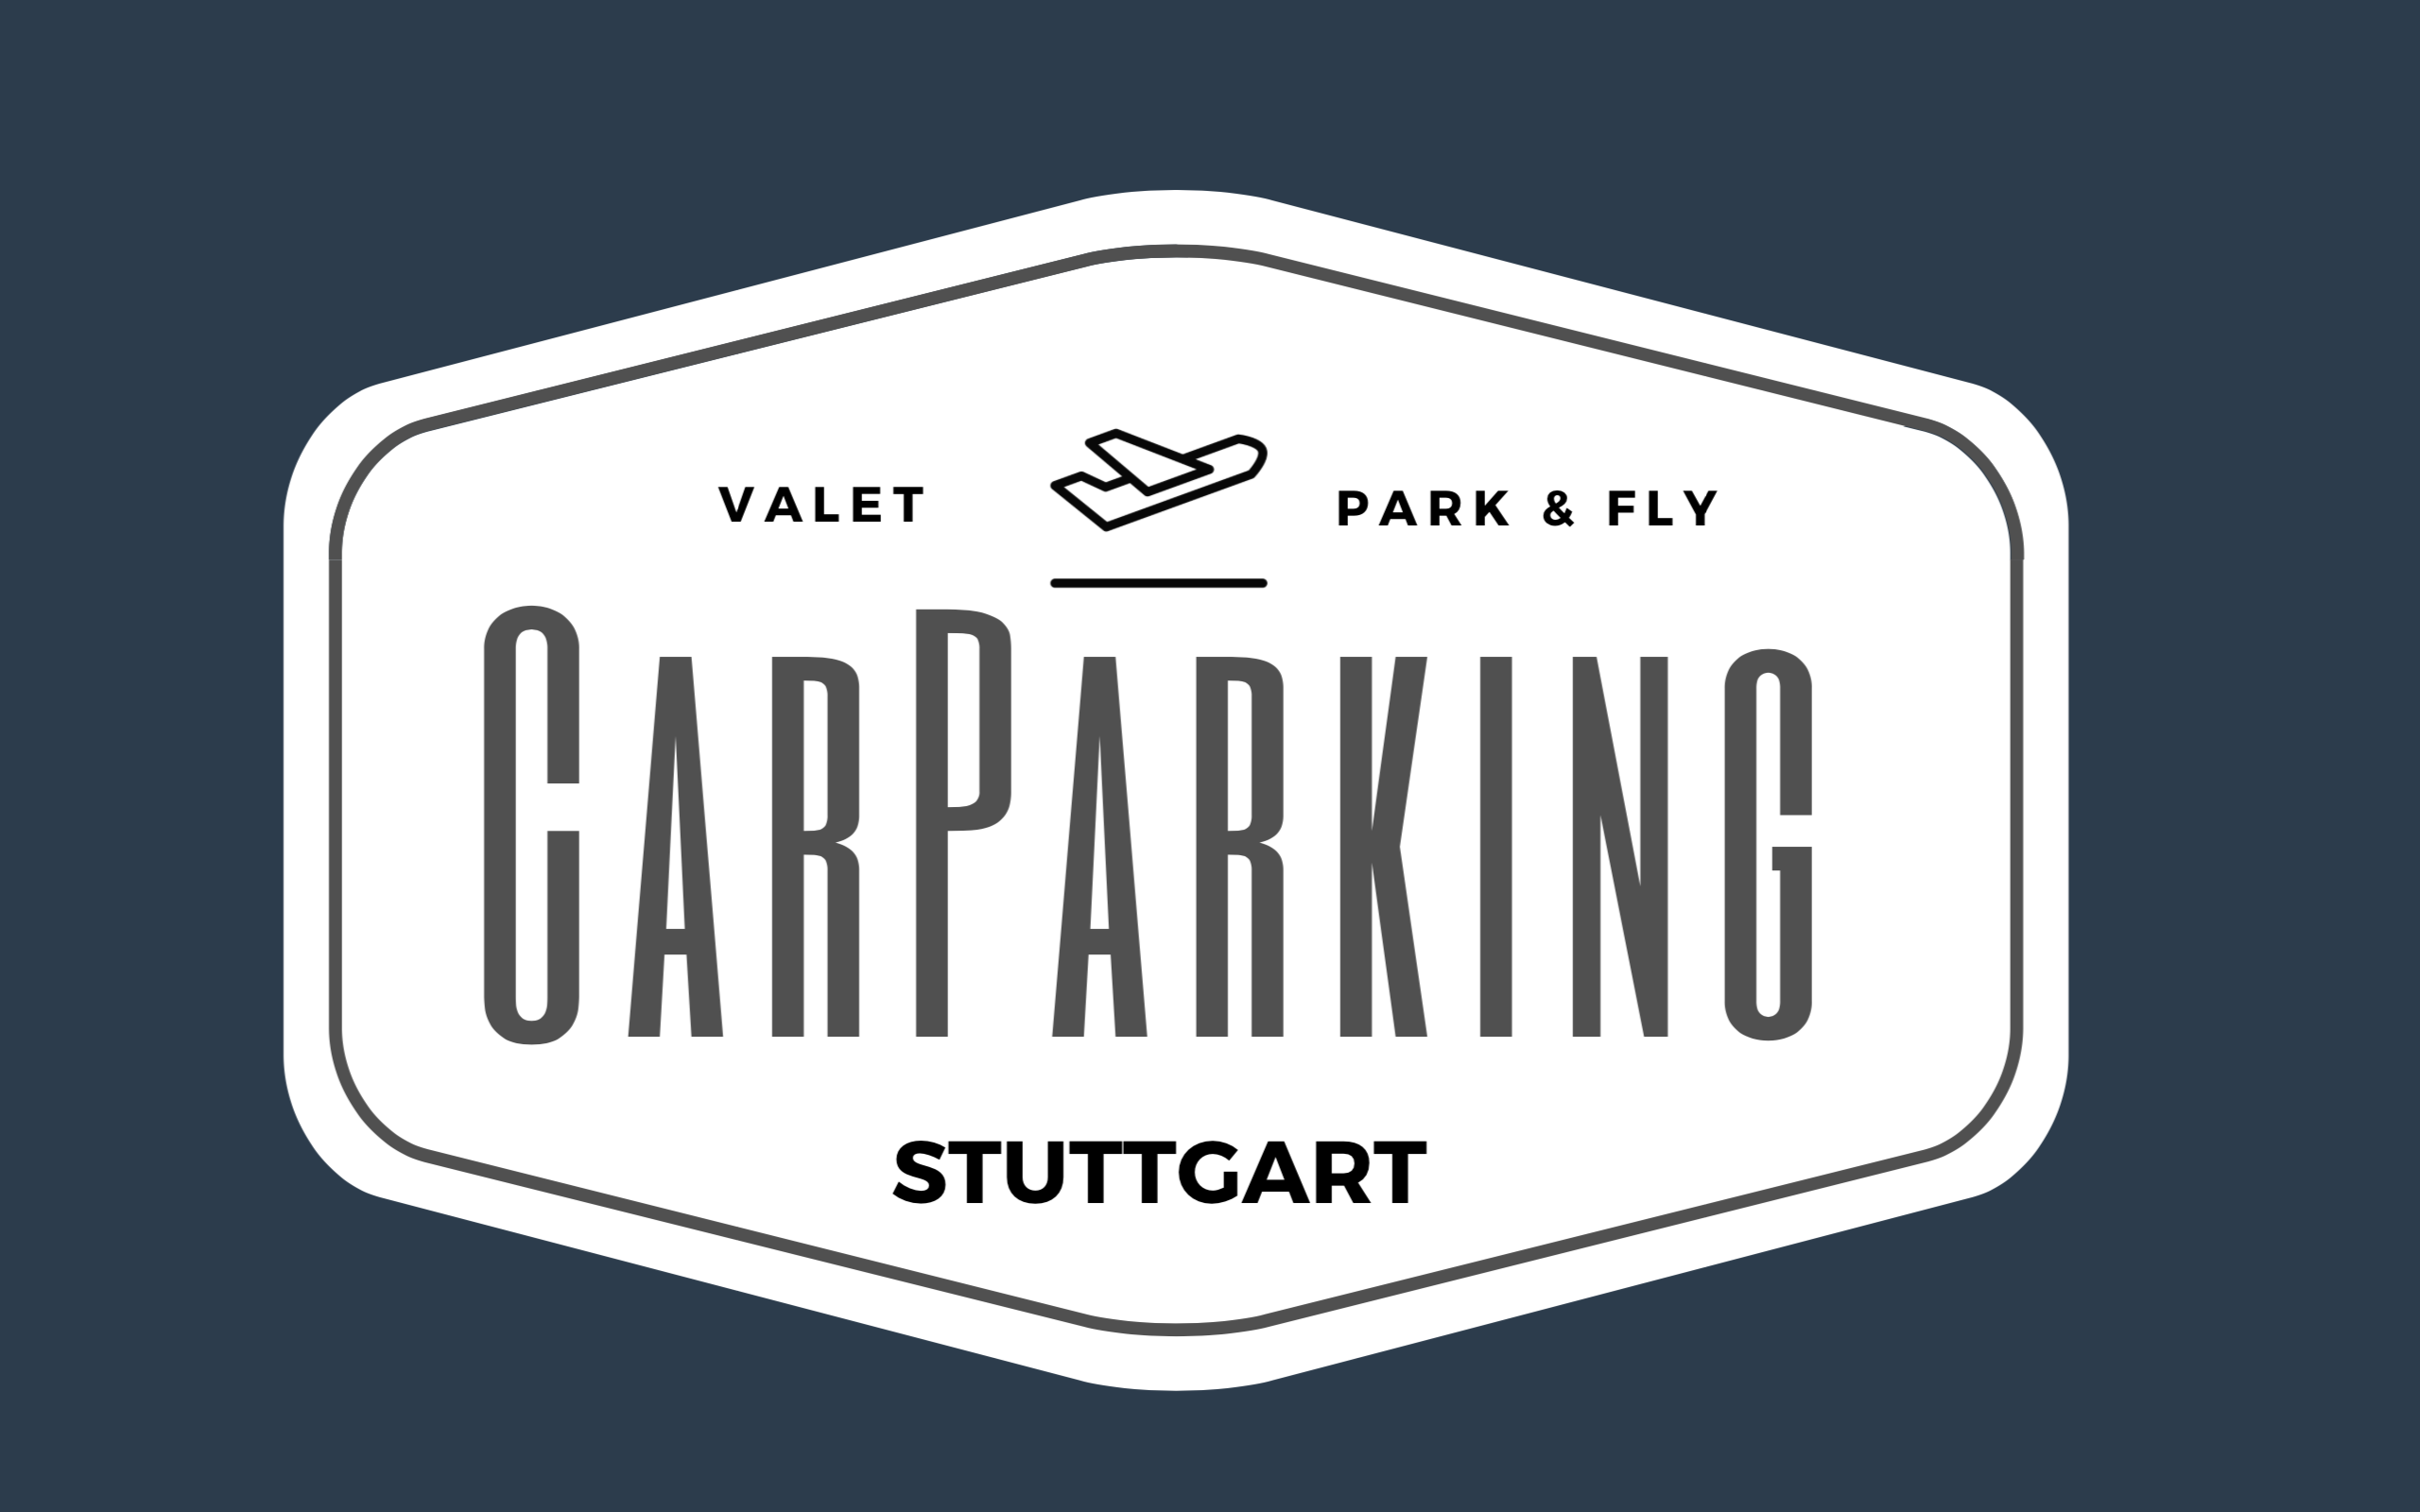 billig parken stuttgart flughafen